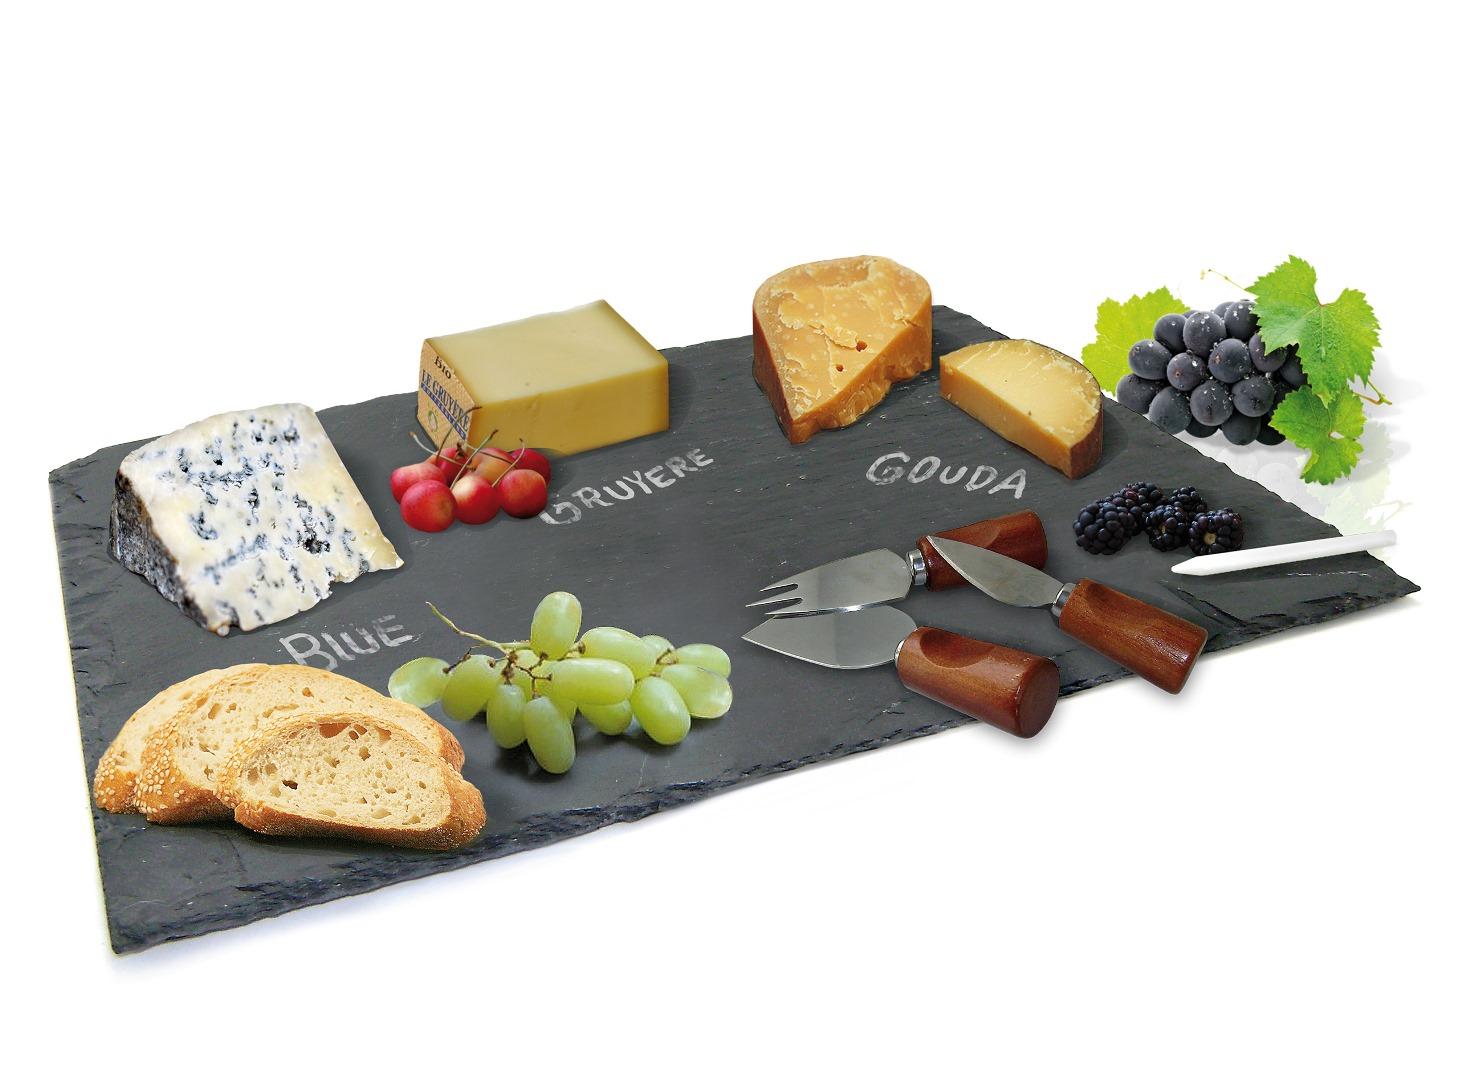 Онлайн каталог PROMENU: Набор для сыра: каменная доска, нож для твердого, мягкого и крем-сыра Nerthus, 4 предмета                               FIH 014